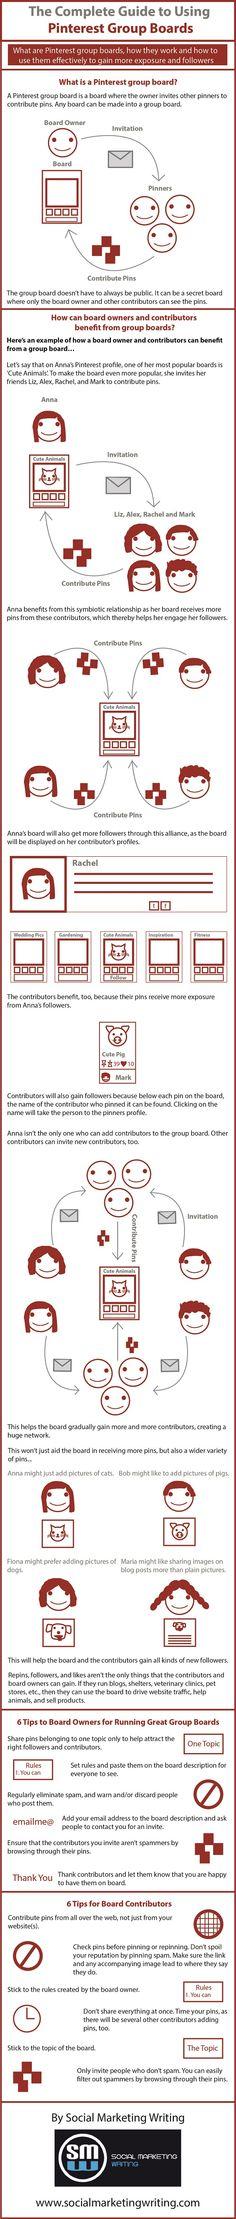 Tableros compartidos en Pinterest #infografia #infographic #socialmedia